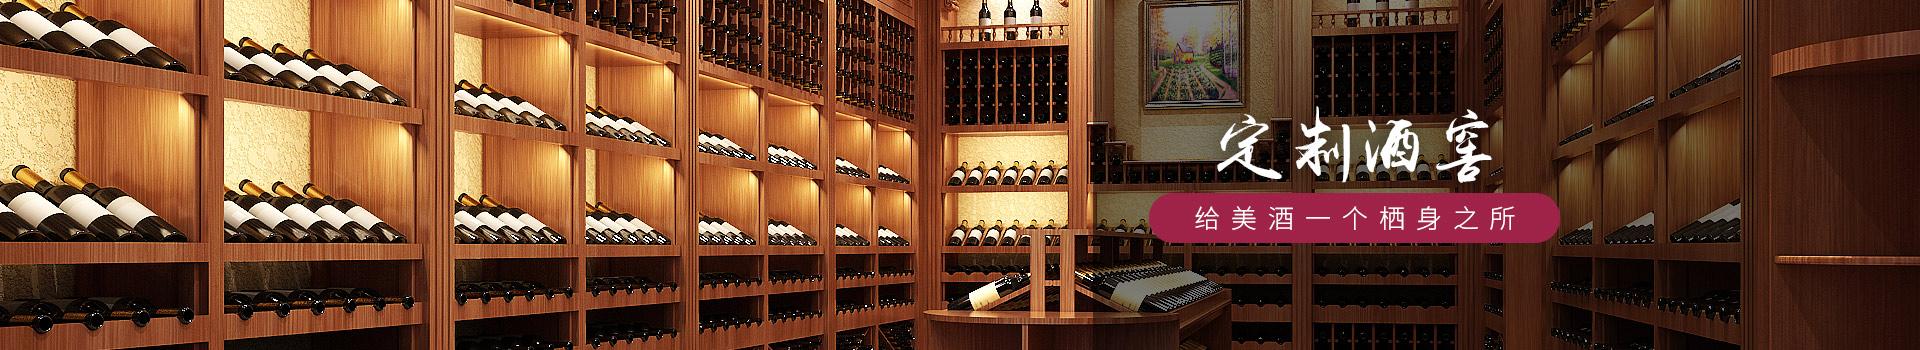 爱士图尔-定制酒窖,给美酒一个栖身之所